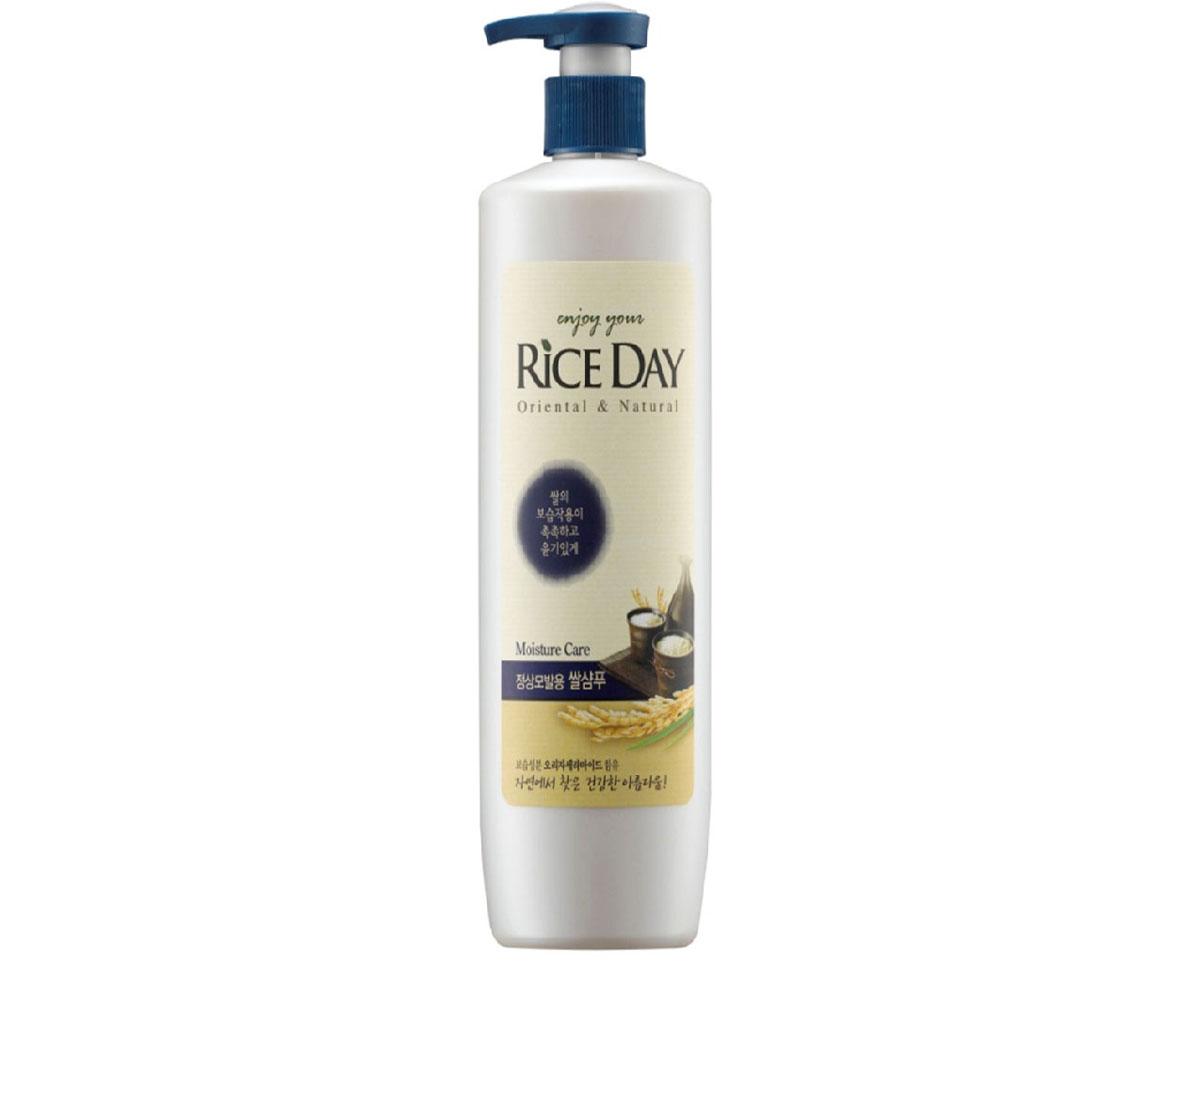 CJ Lion Шампунь для нормальных волос Riceday 550 г604129Увлажняющий шампунь для волос нормального типа с экстрактами рисовых отрубей, портулака огородного и керамидами. • Проникая в волос, керамиды заполняют пространство в наружном слое кутикул, предохраняя волосы от ломкости и придавая им блеск и ухоженный вид • Масло рисовых отрубей глубоко увлажняет и питает волосы, защищает от воздействия УФ-лучей, предотвращает преждевременное выпадение волос и способствует их росту • Экстракт портулака огородного защищает волосы от агрессивного внешнего воздействия окружающей среды, помогает волосам сохранять естественный блеск.